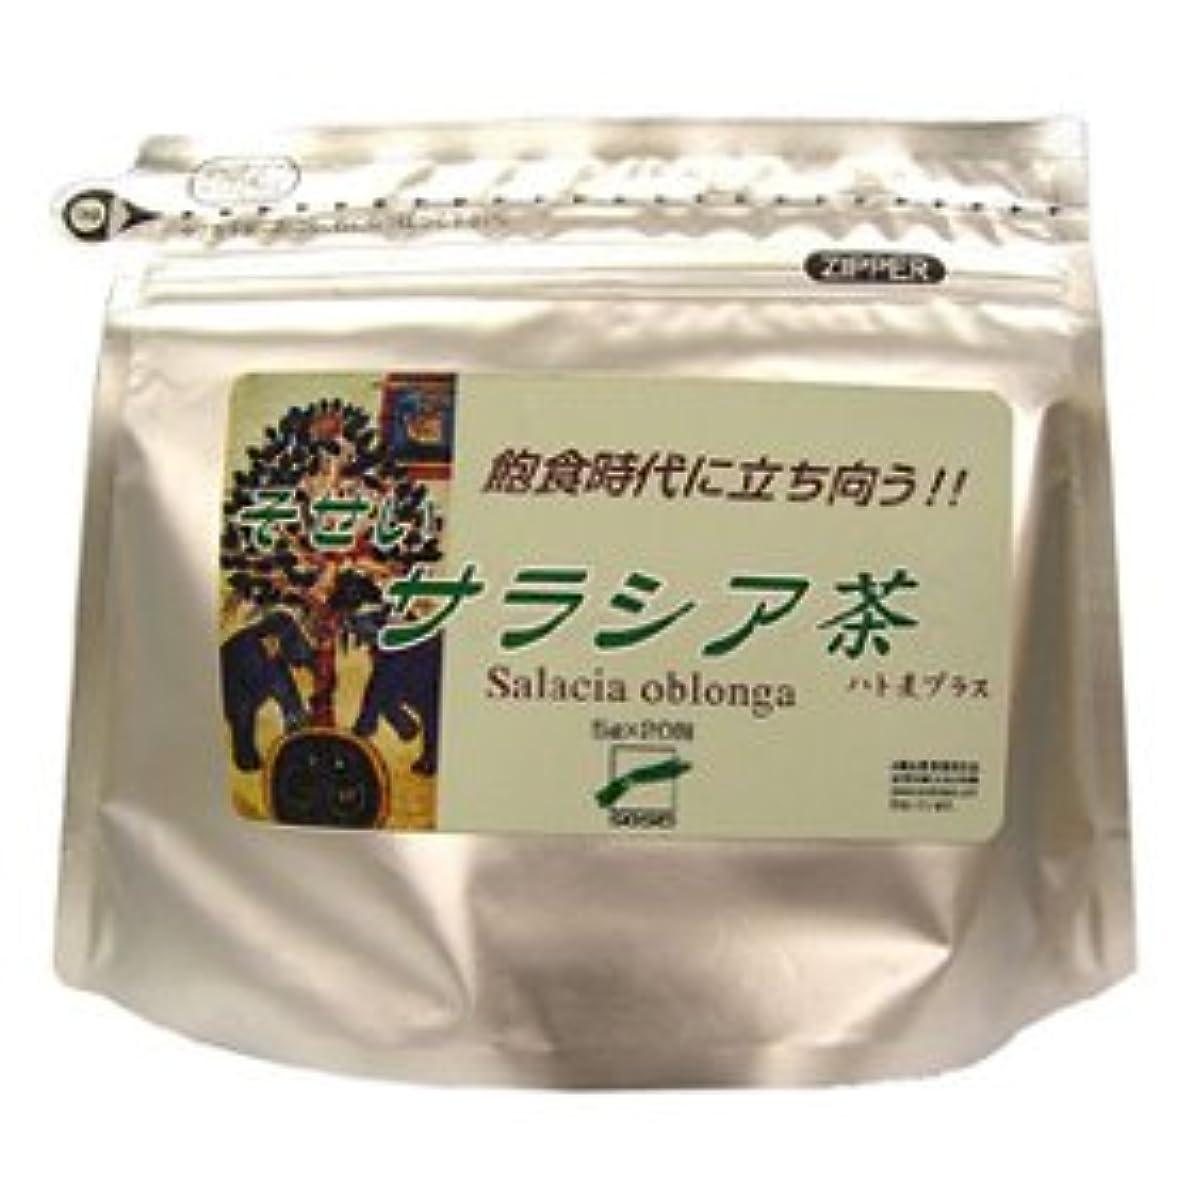 遮るシュリンク実行そせい サラシア茶 1袋